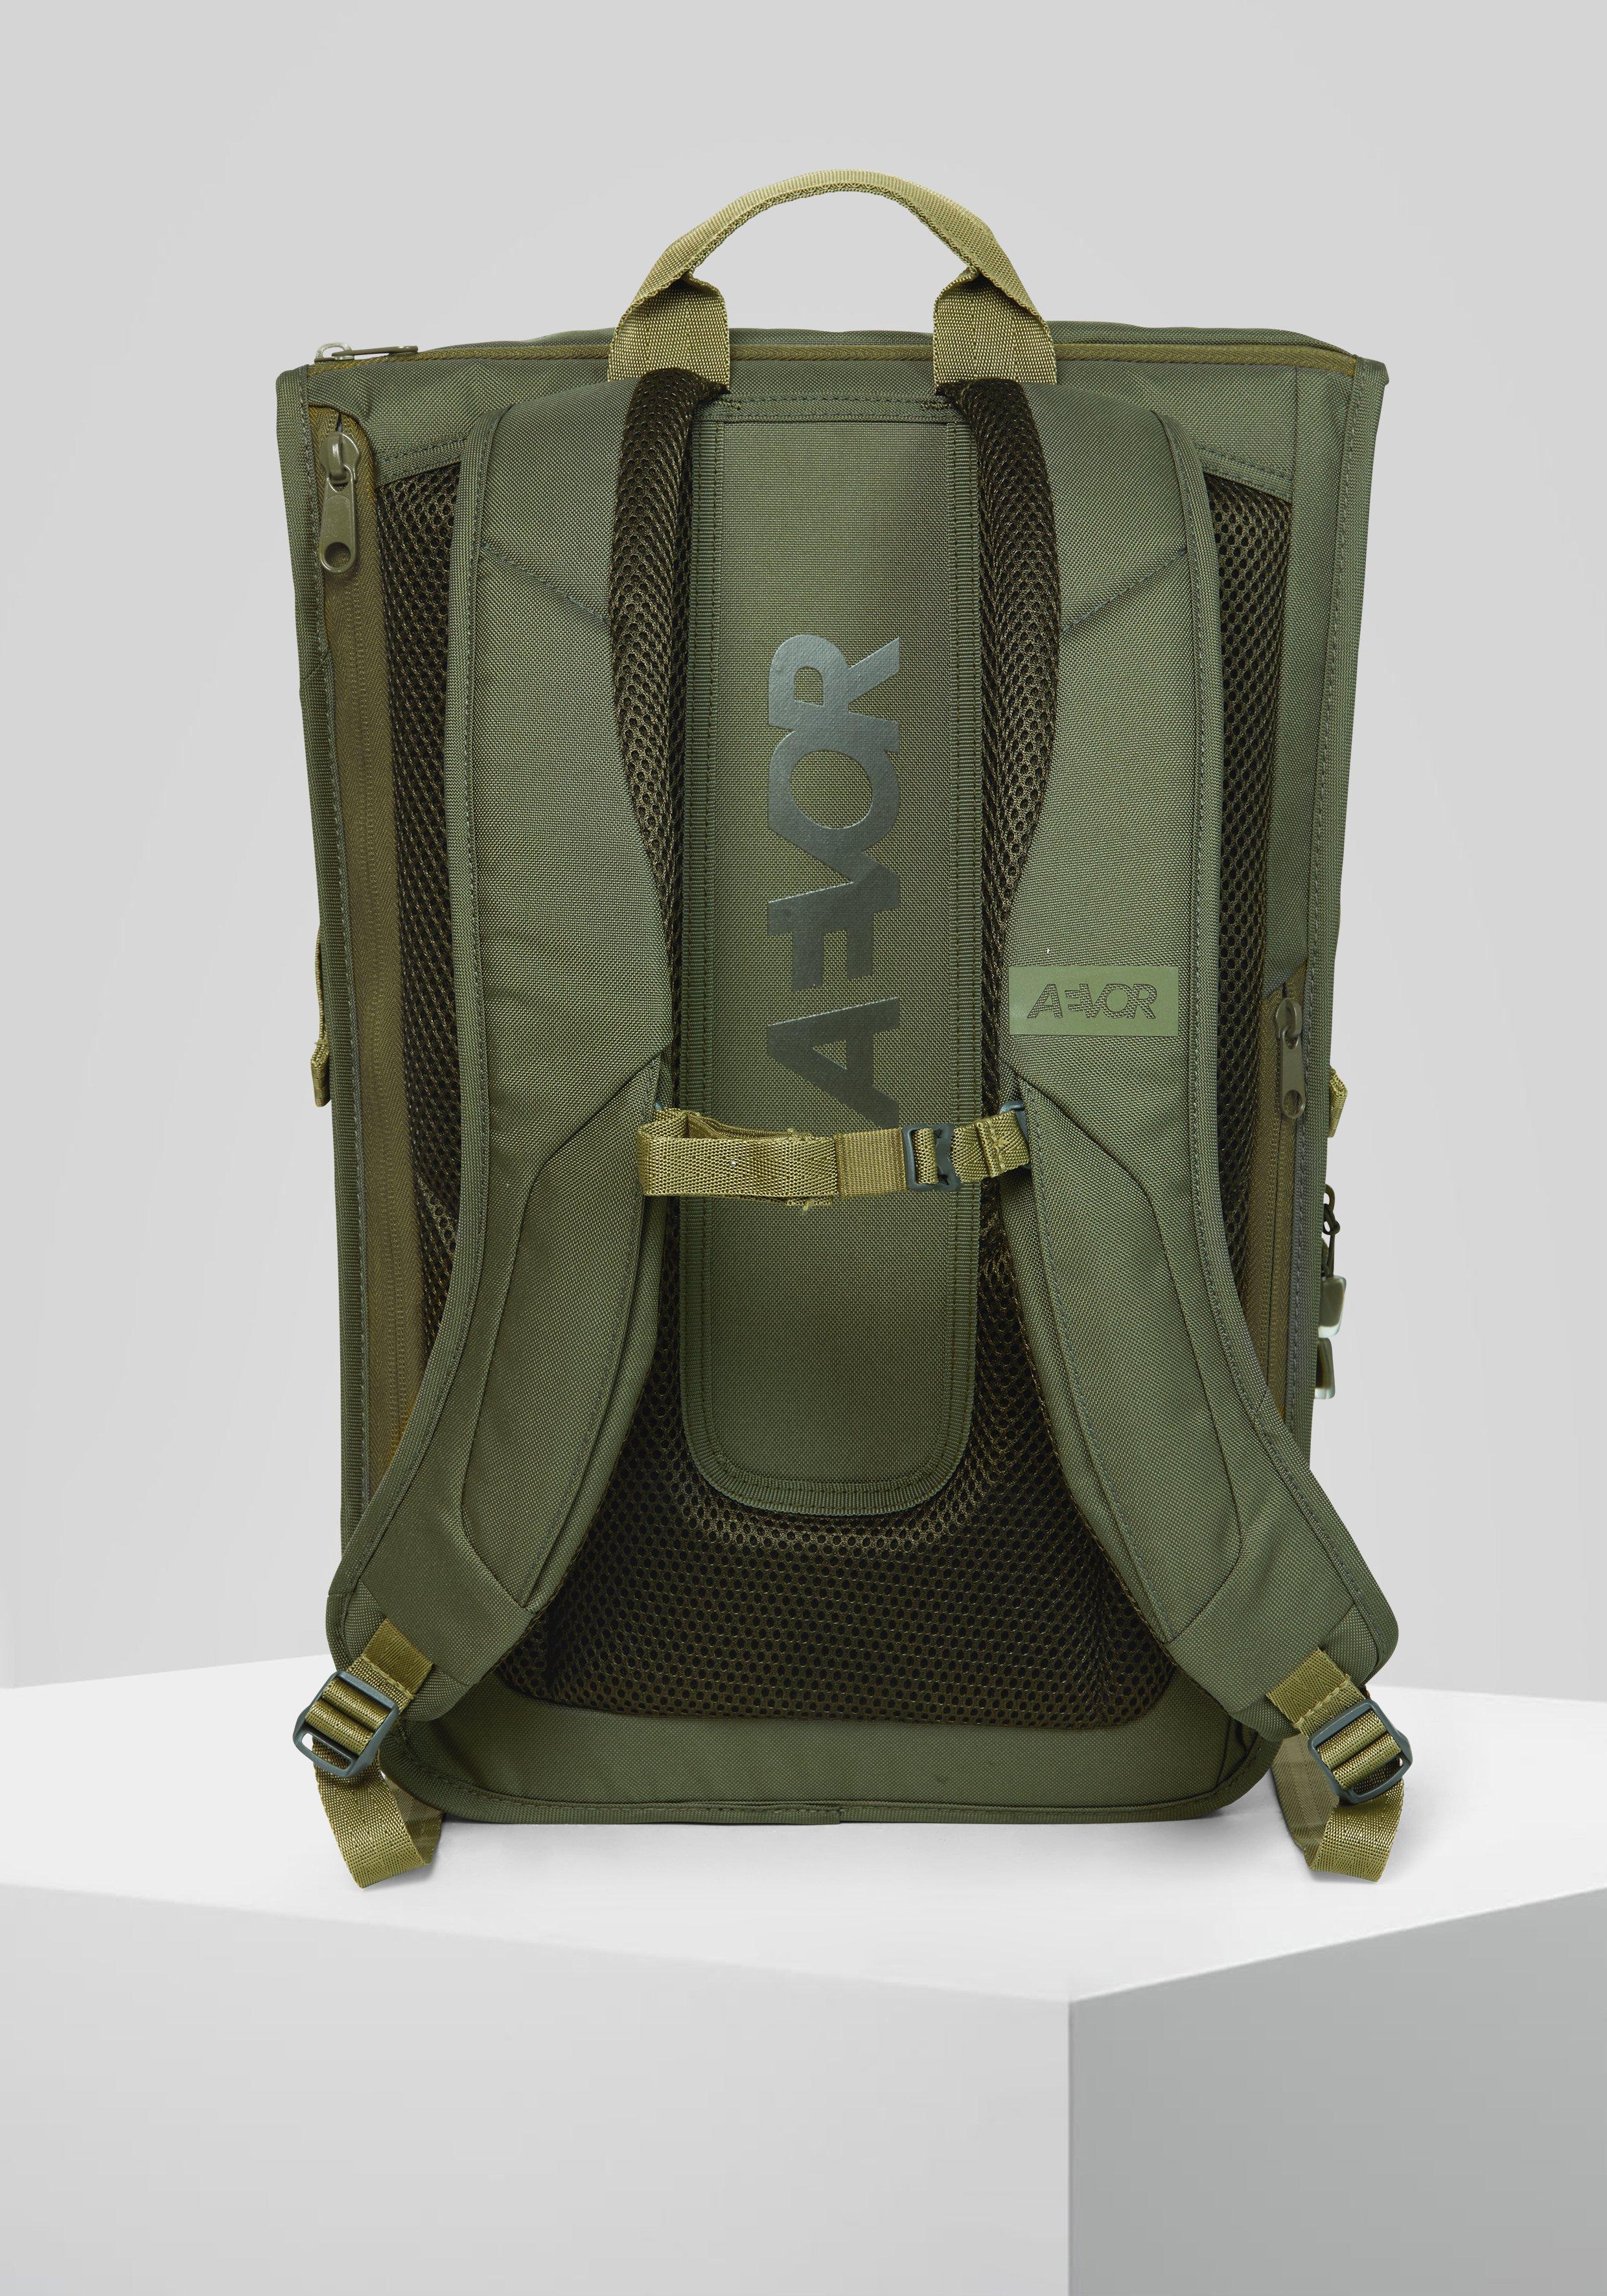 AEVOR Tagesrucksack - olive/oliv - Herrentaschen swq6S